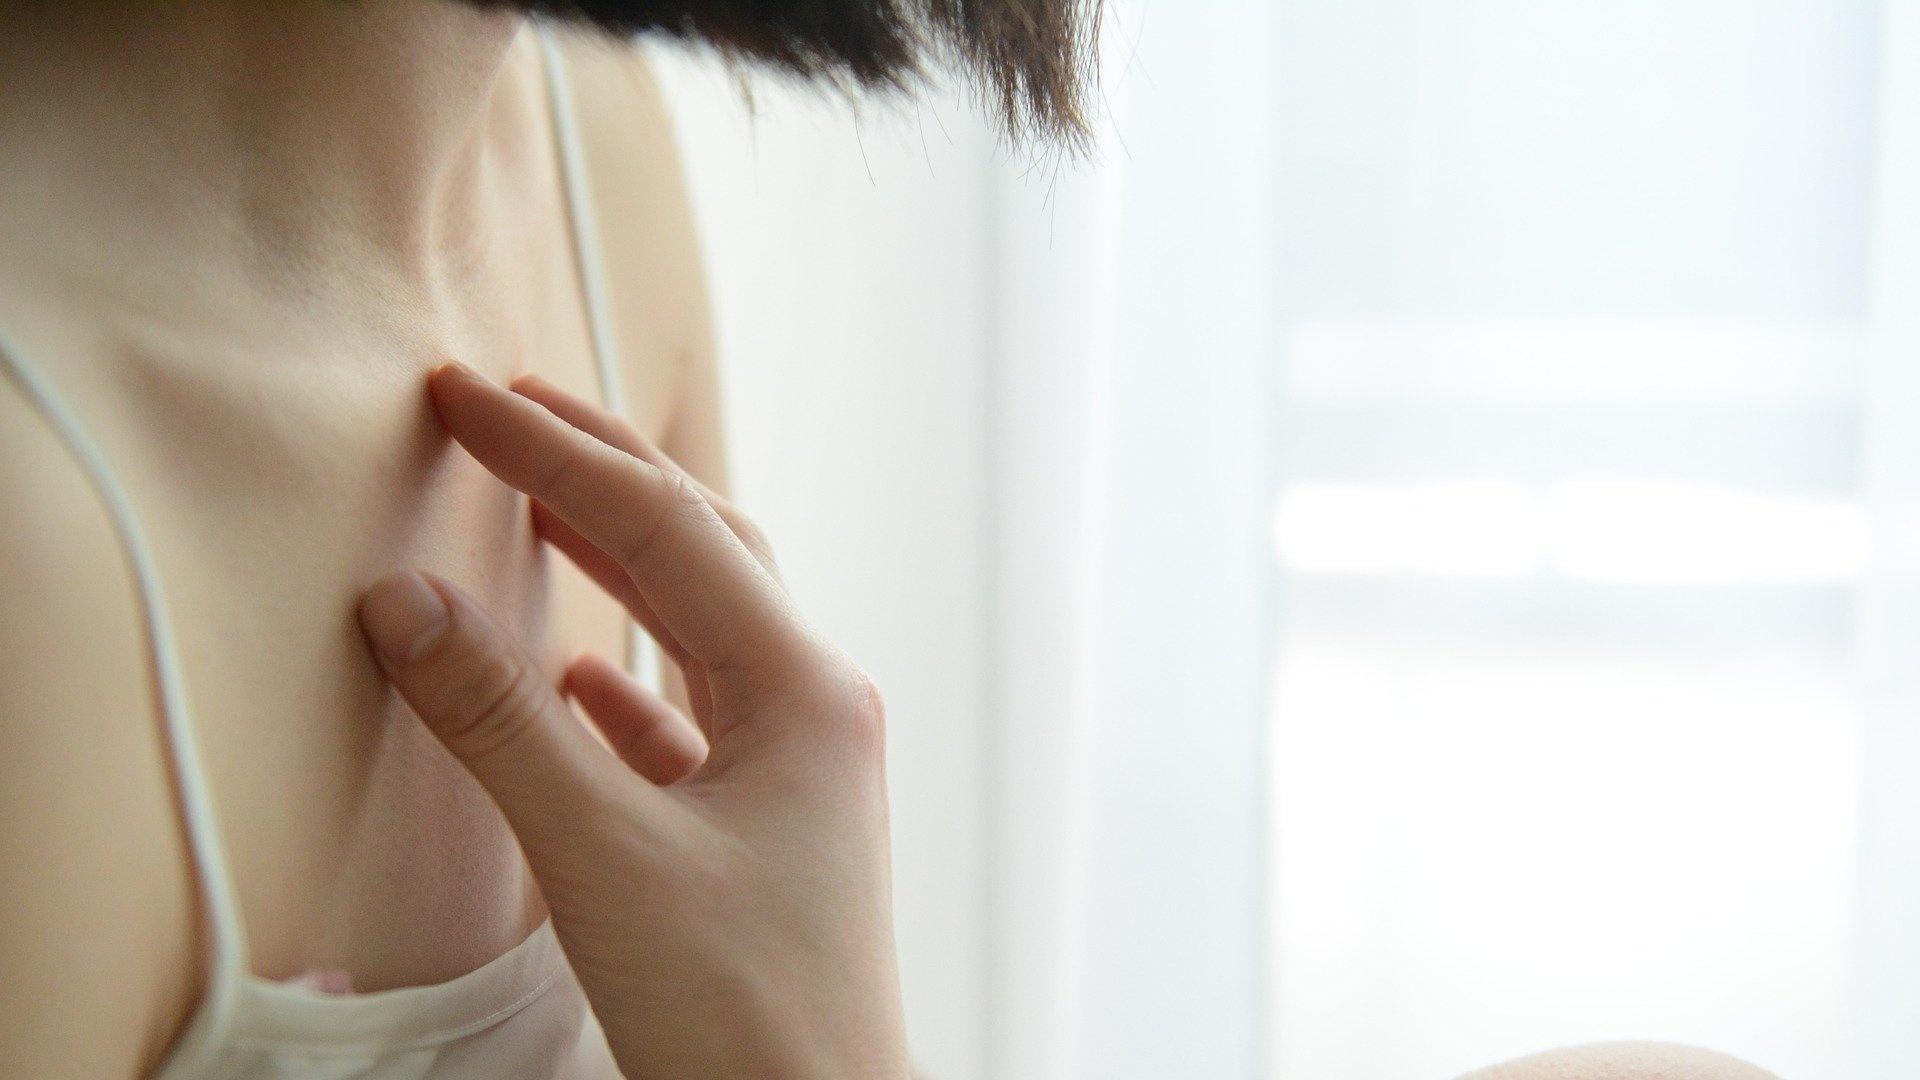 Ein Ausschlag auf der Brust verschwindet schnell wieder, wenn kosmetische Ursachen eine Rolle spielen.